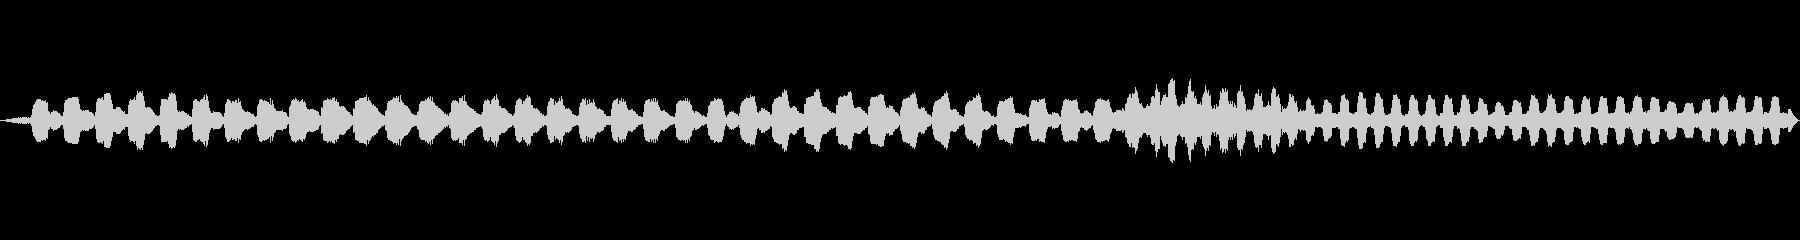 照準音(ロックオン)の未再生の波形